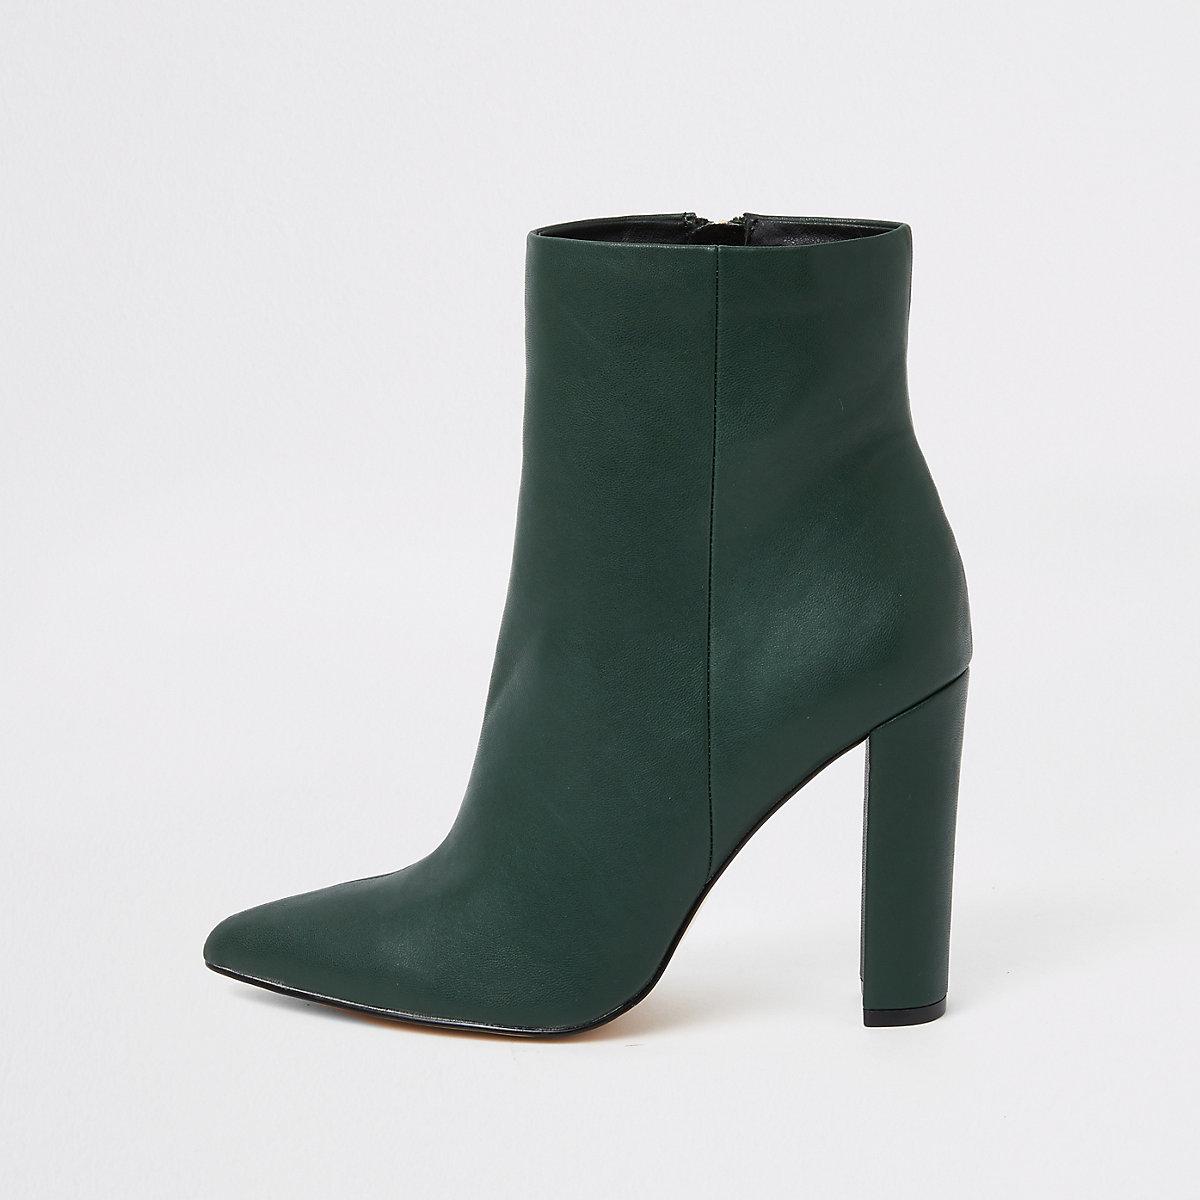 Donkergroene laarzen met puntige neus en blokhak